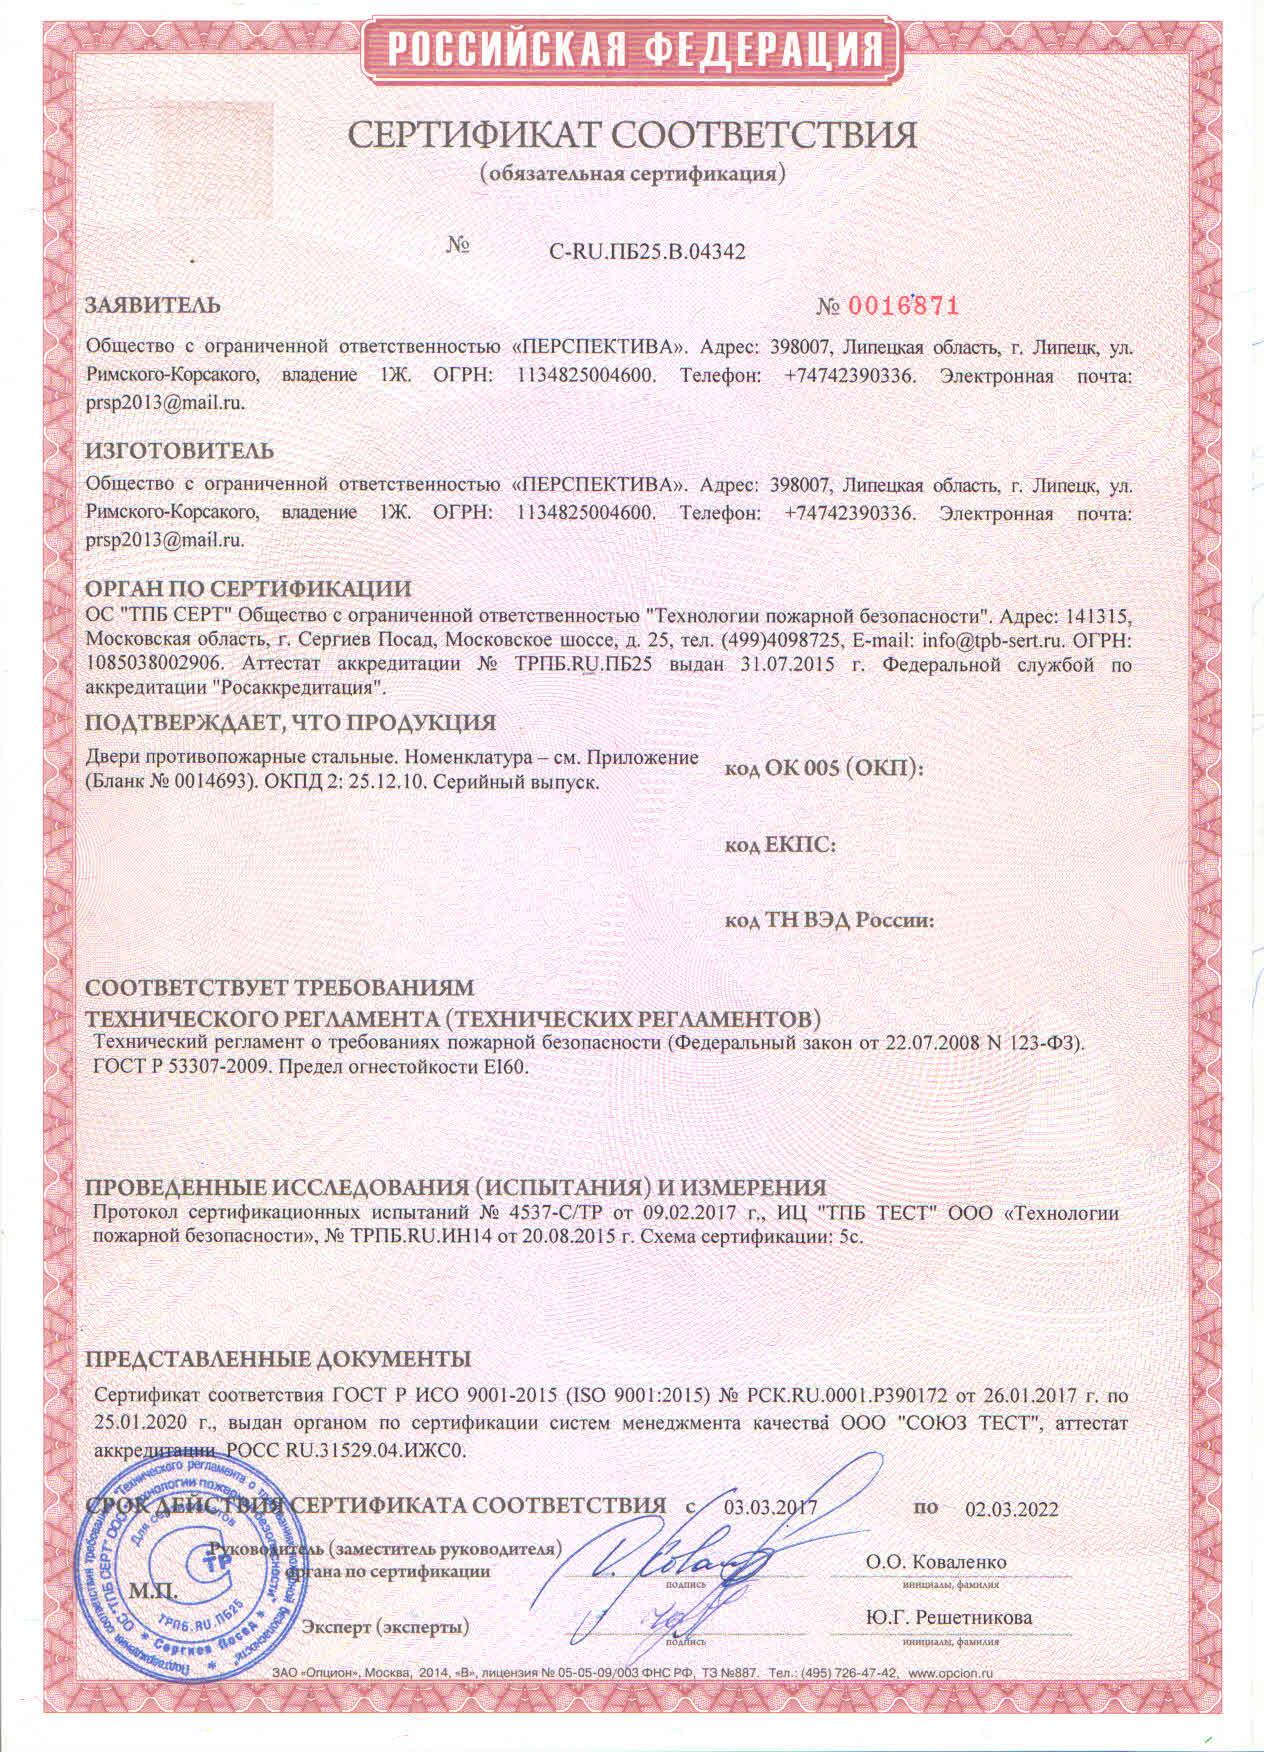 Сертификат соответствия C-RU.ПБ25.В.04342.jpg